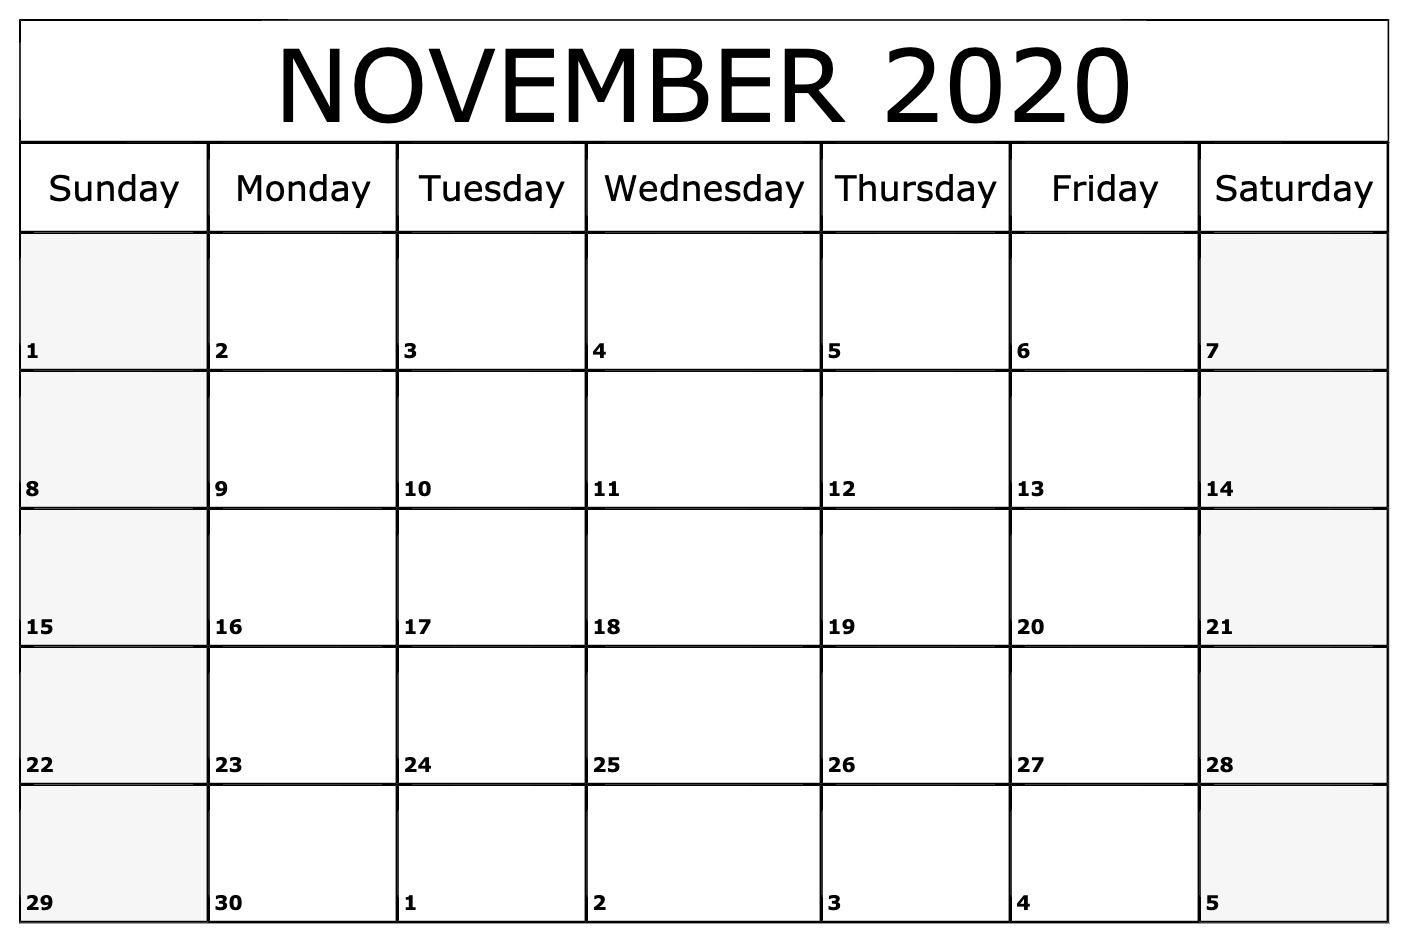 November 2020 Calendar Printable Template Printable calendar 1406x931